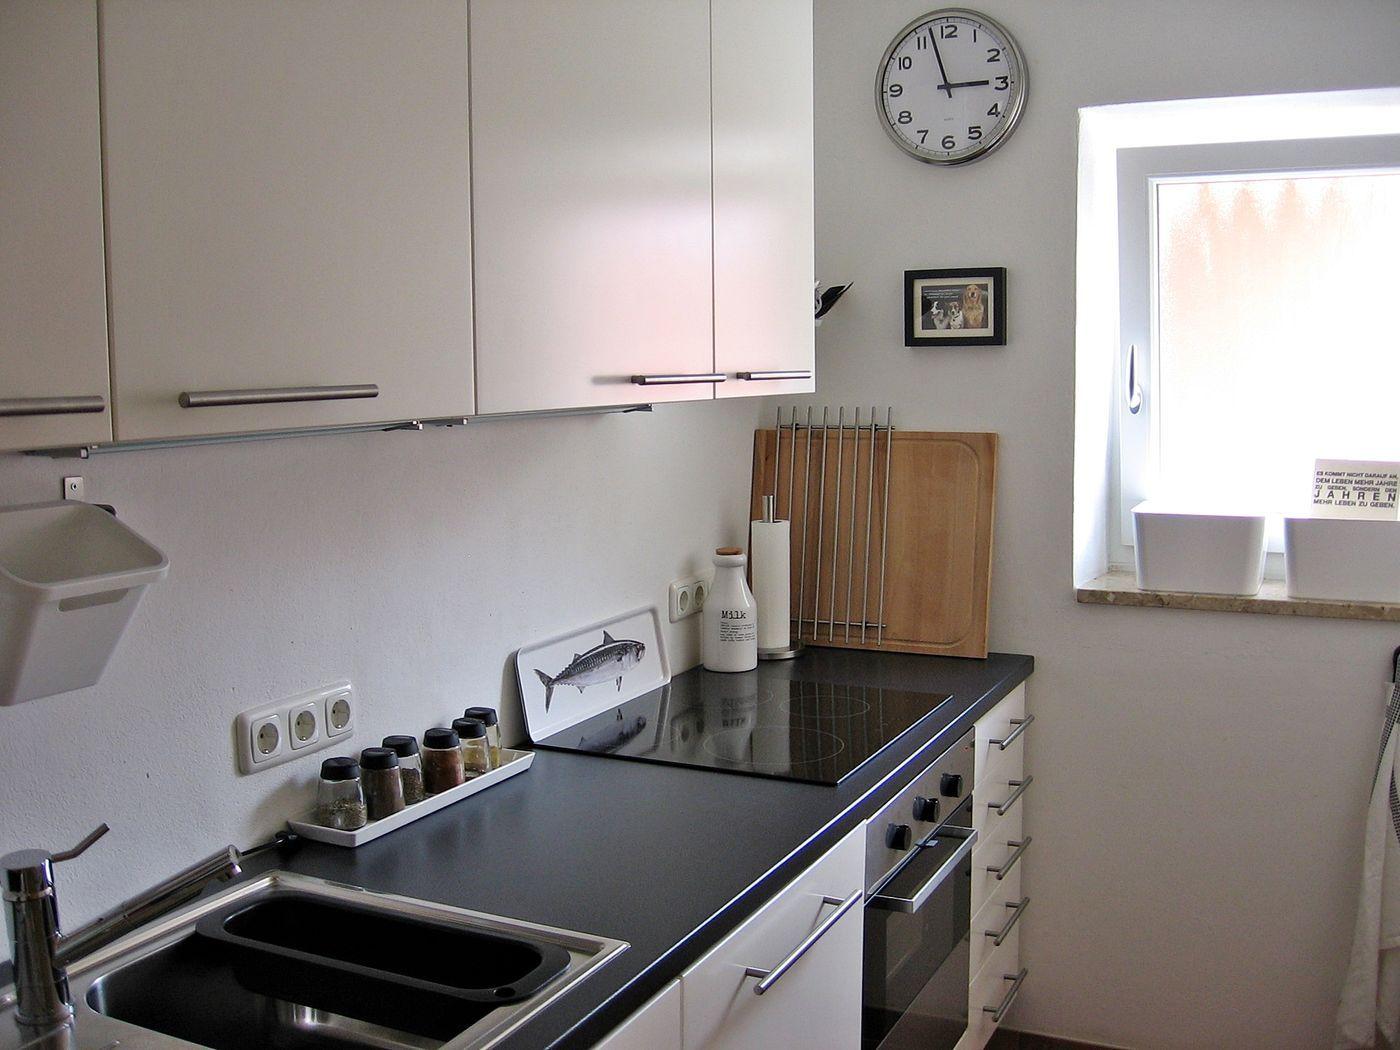 Fein Landküche Fotos Ideen Zeitgenössisch - Ideen Für Die Küche ...